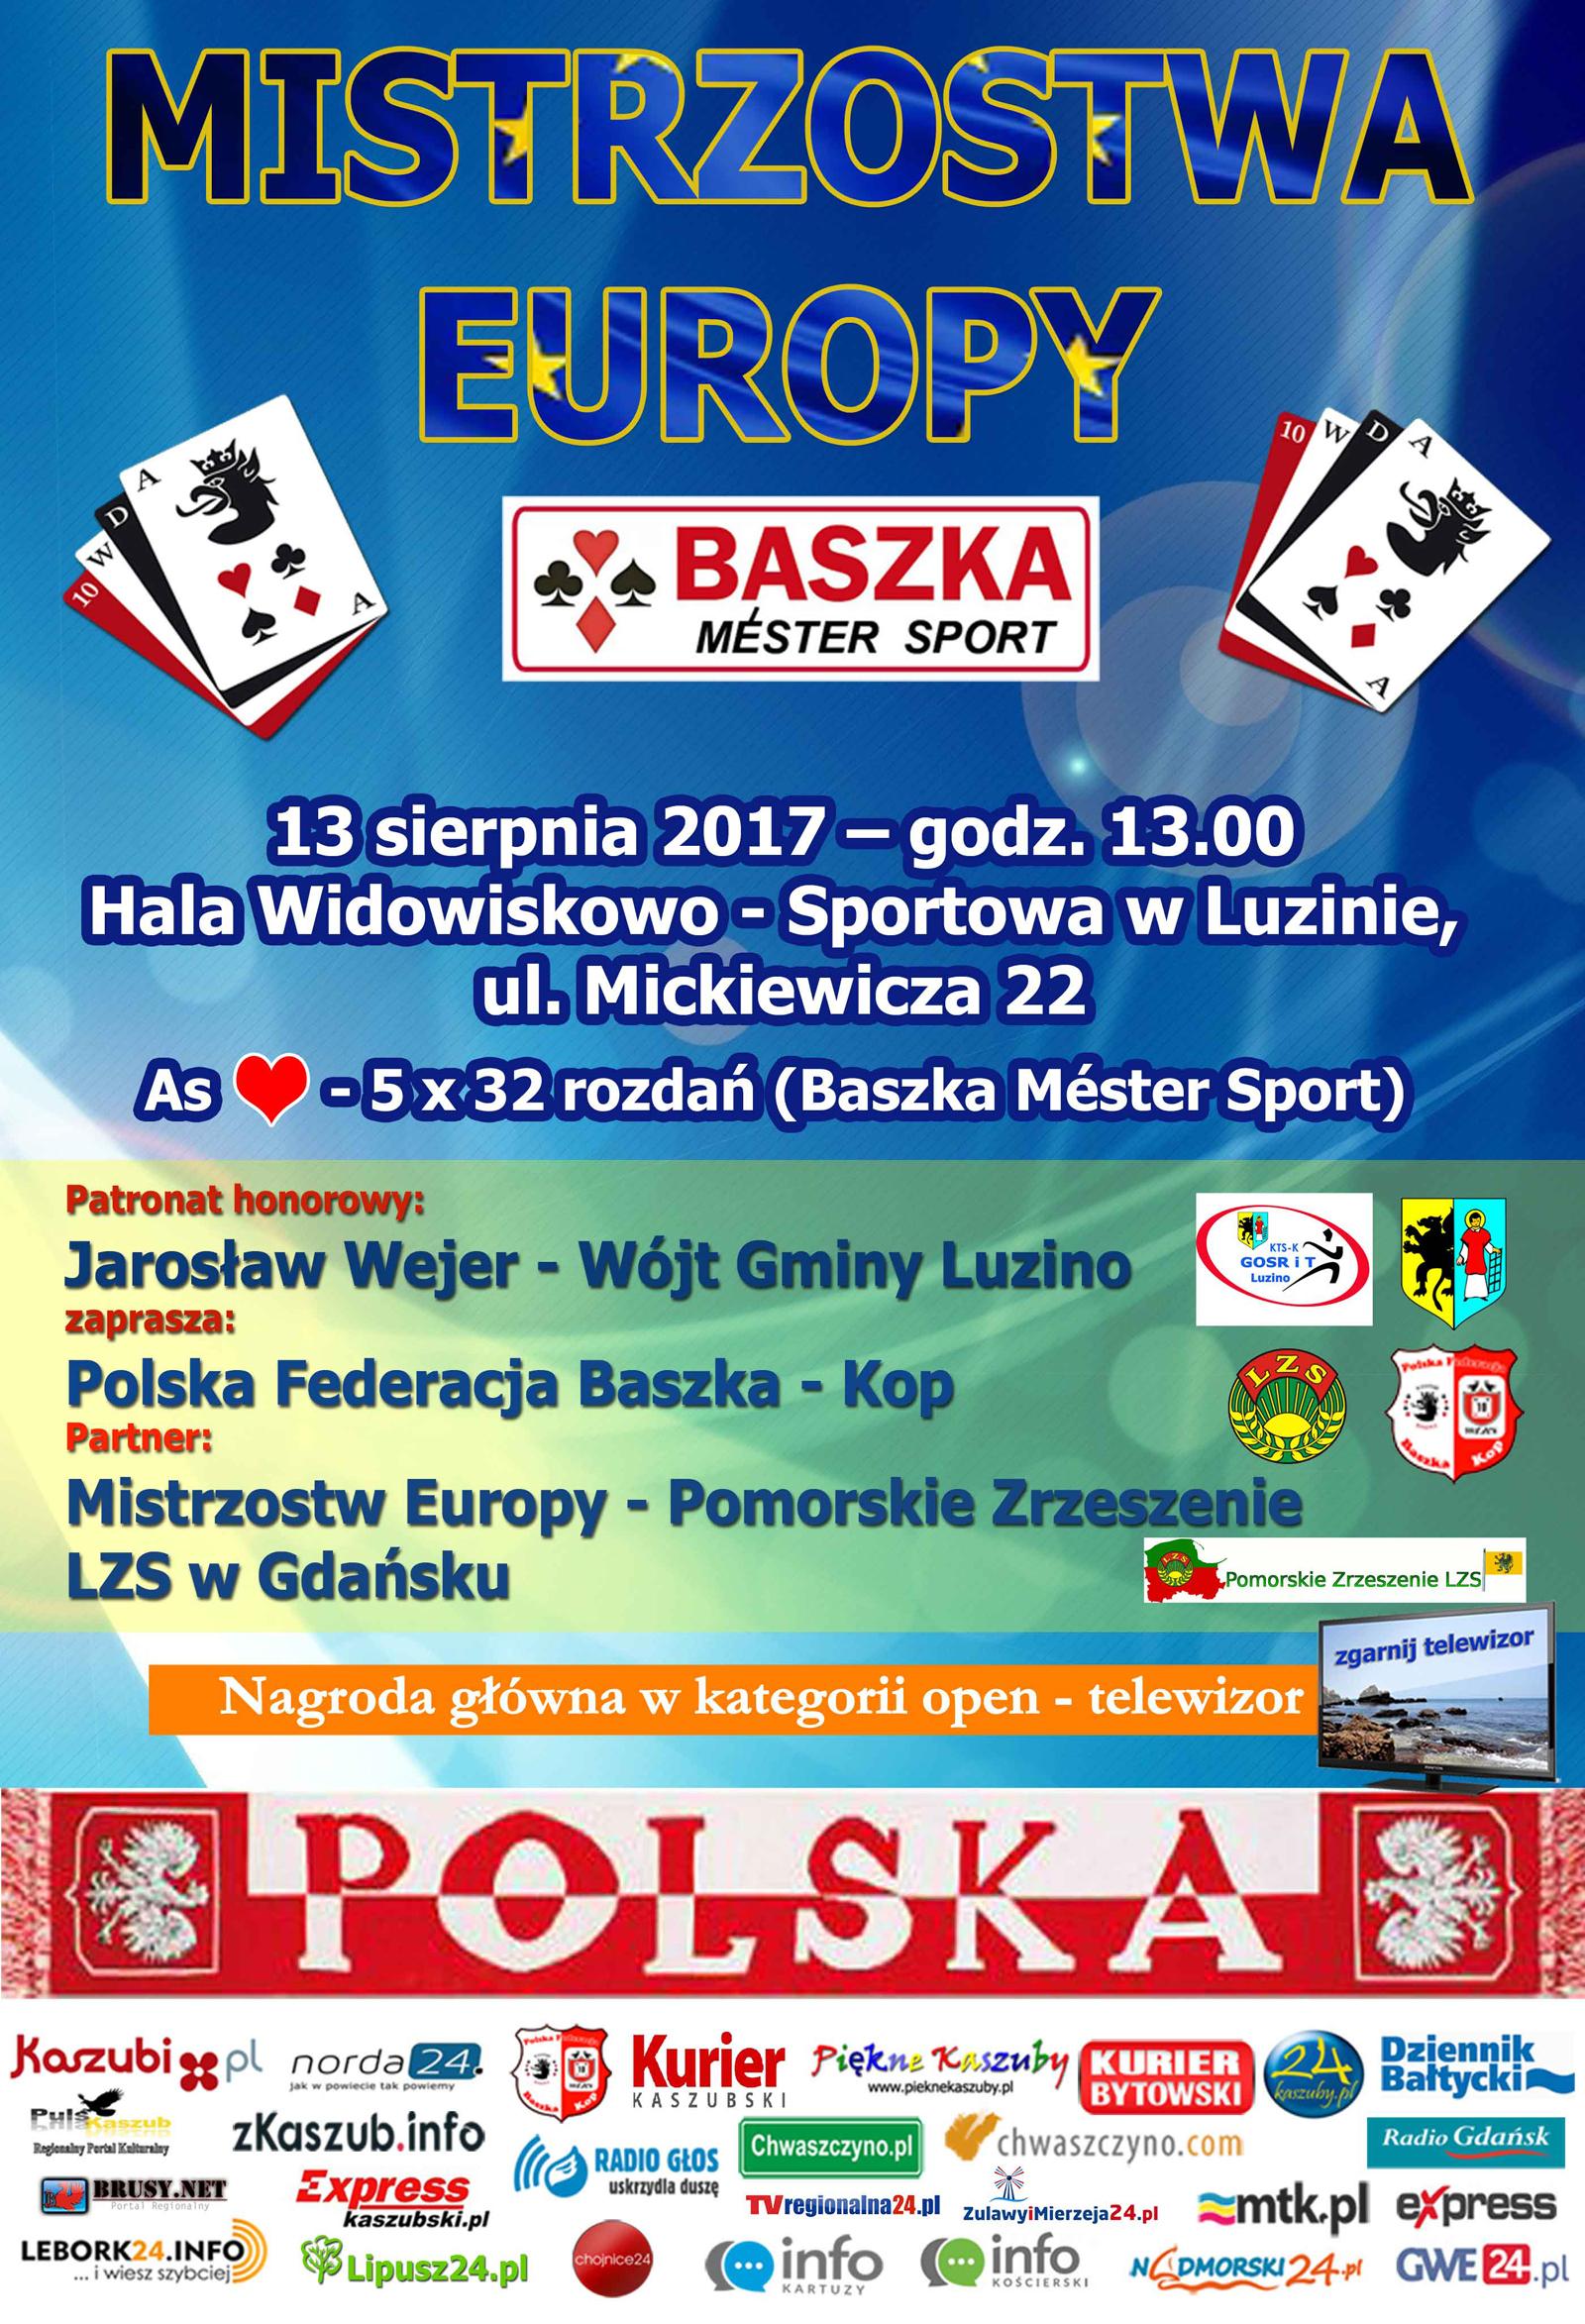 Luzino zaprasza na Mistrzostwa Europy w… Baśkę